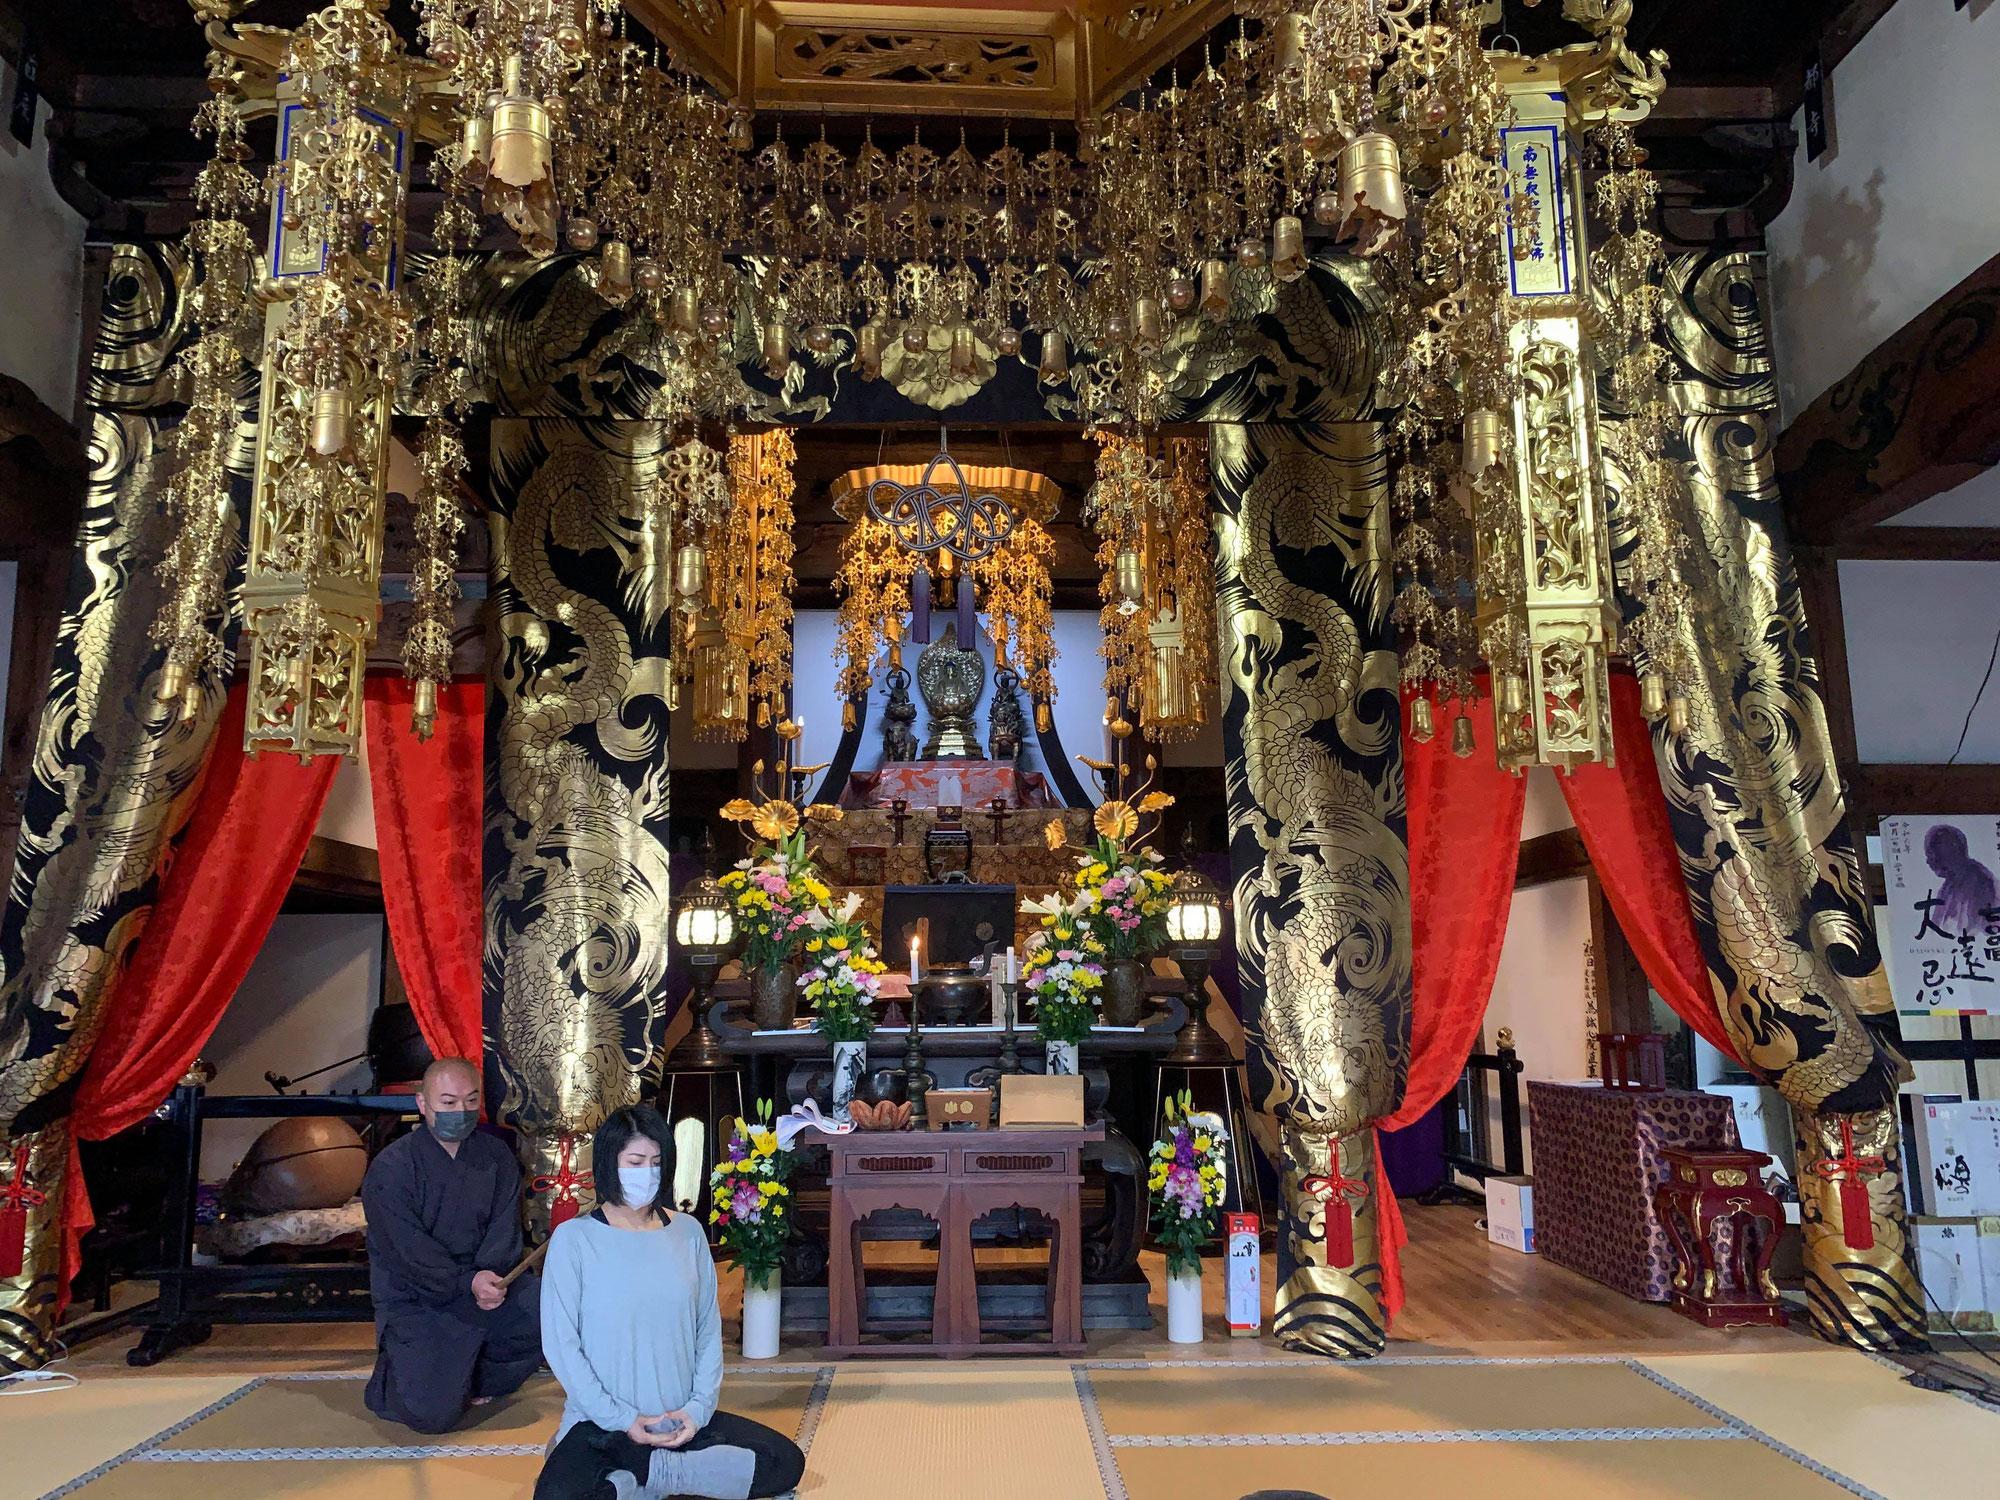 【お知らせ】花の精進料理と禅とYOGA 二本松市 龍泉寺